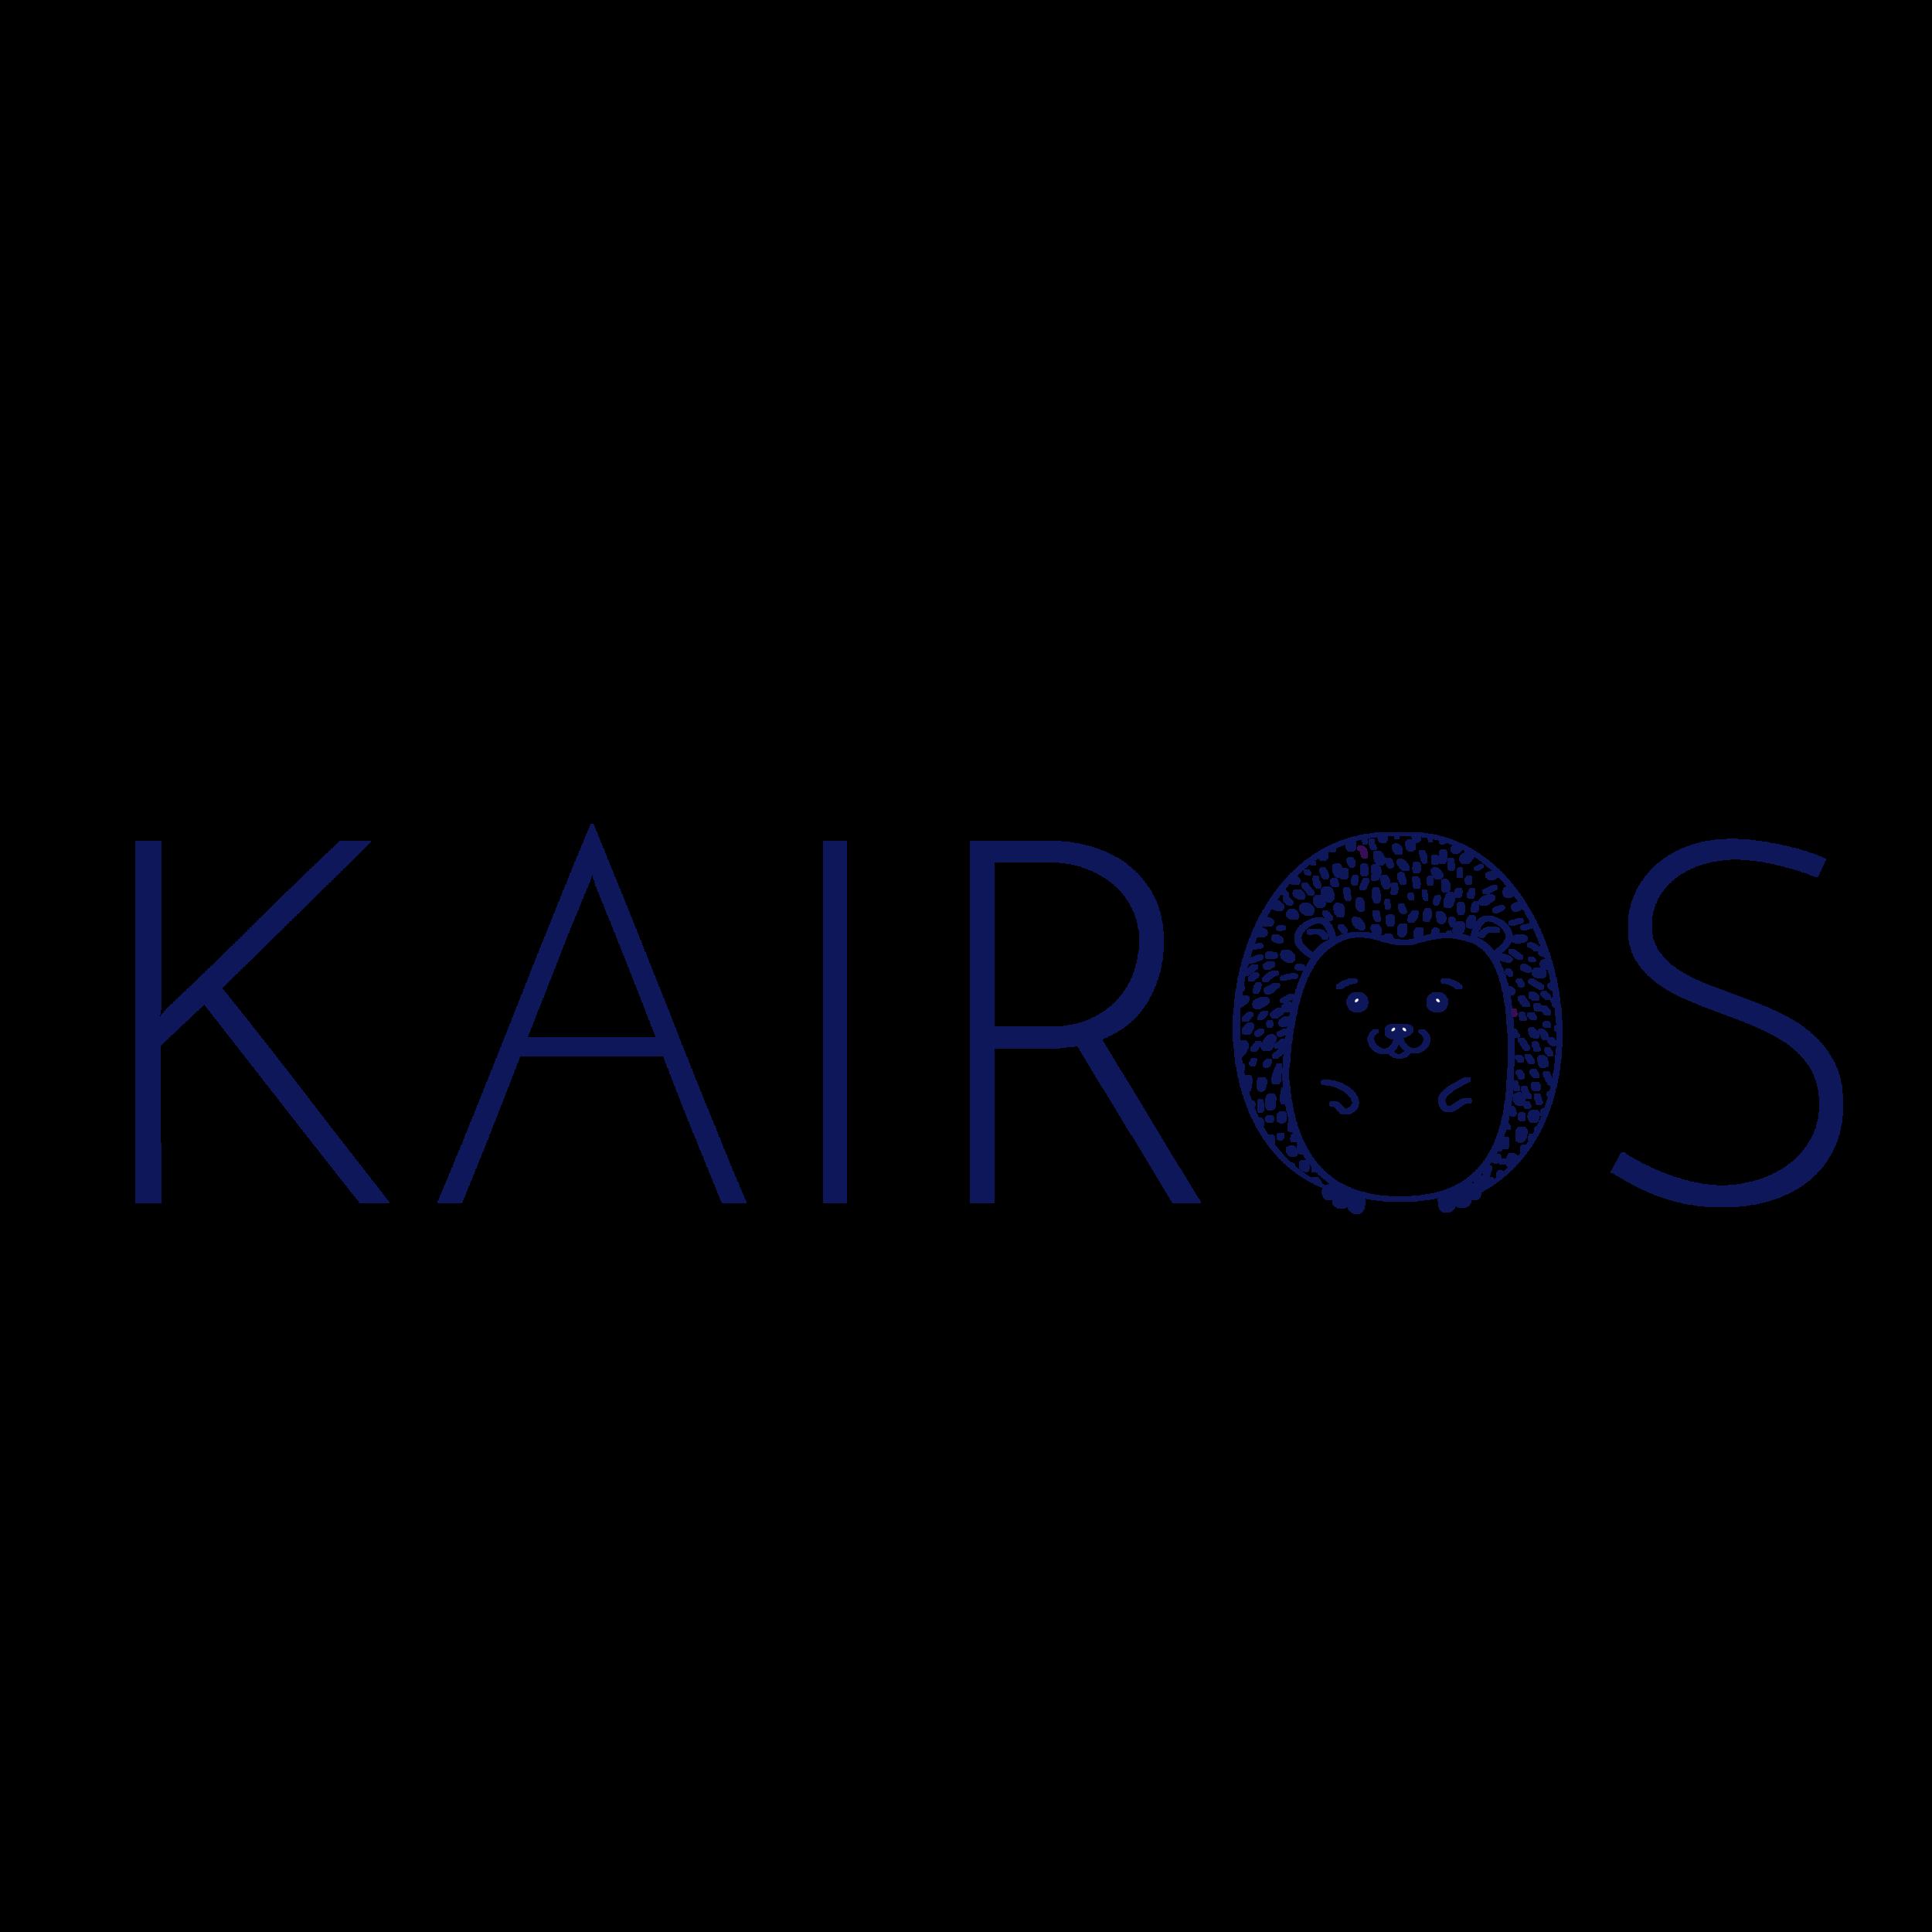 kairos-logos-v1-02.png